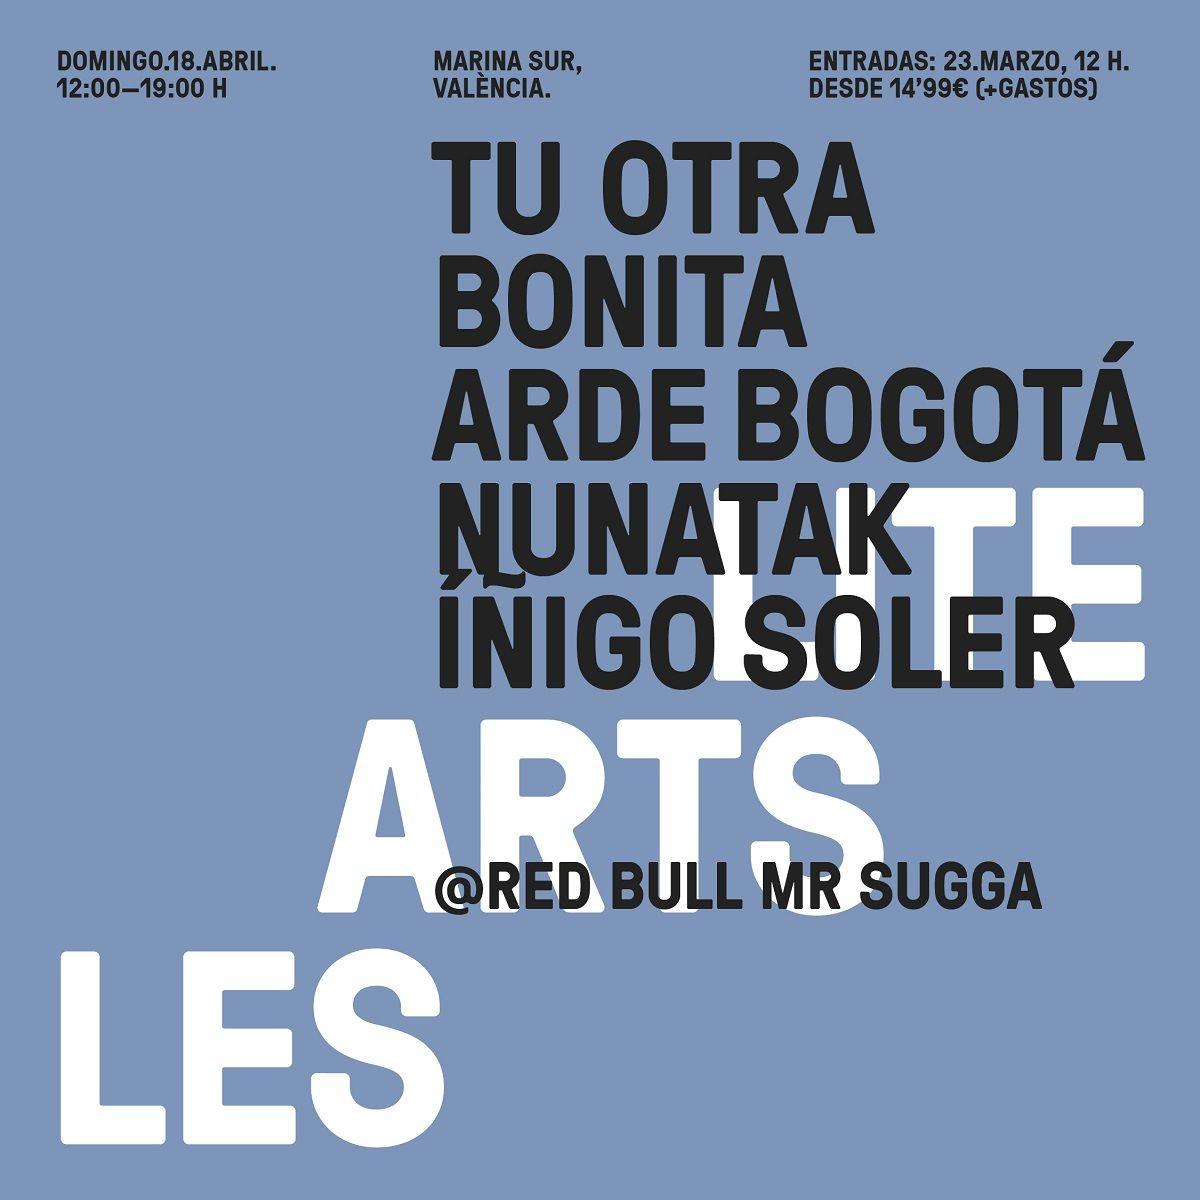 Música en directo en Les Arts Lite valencia